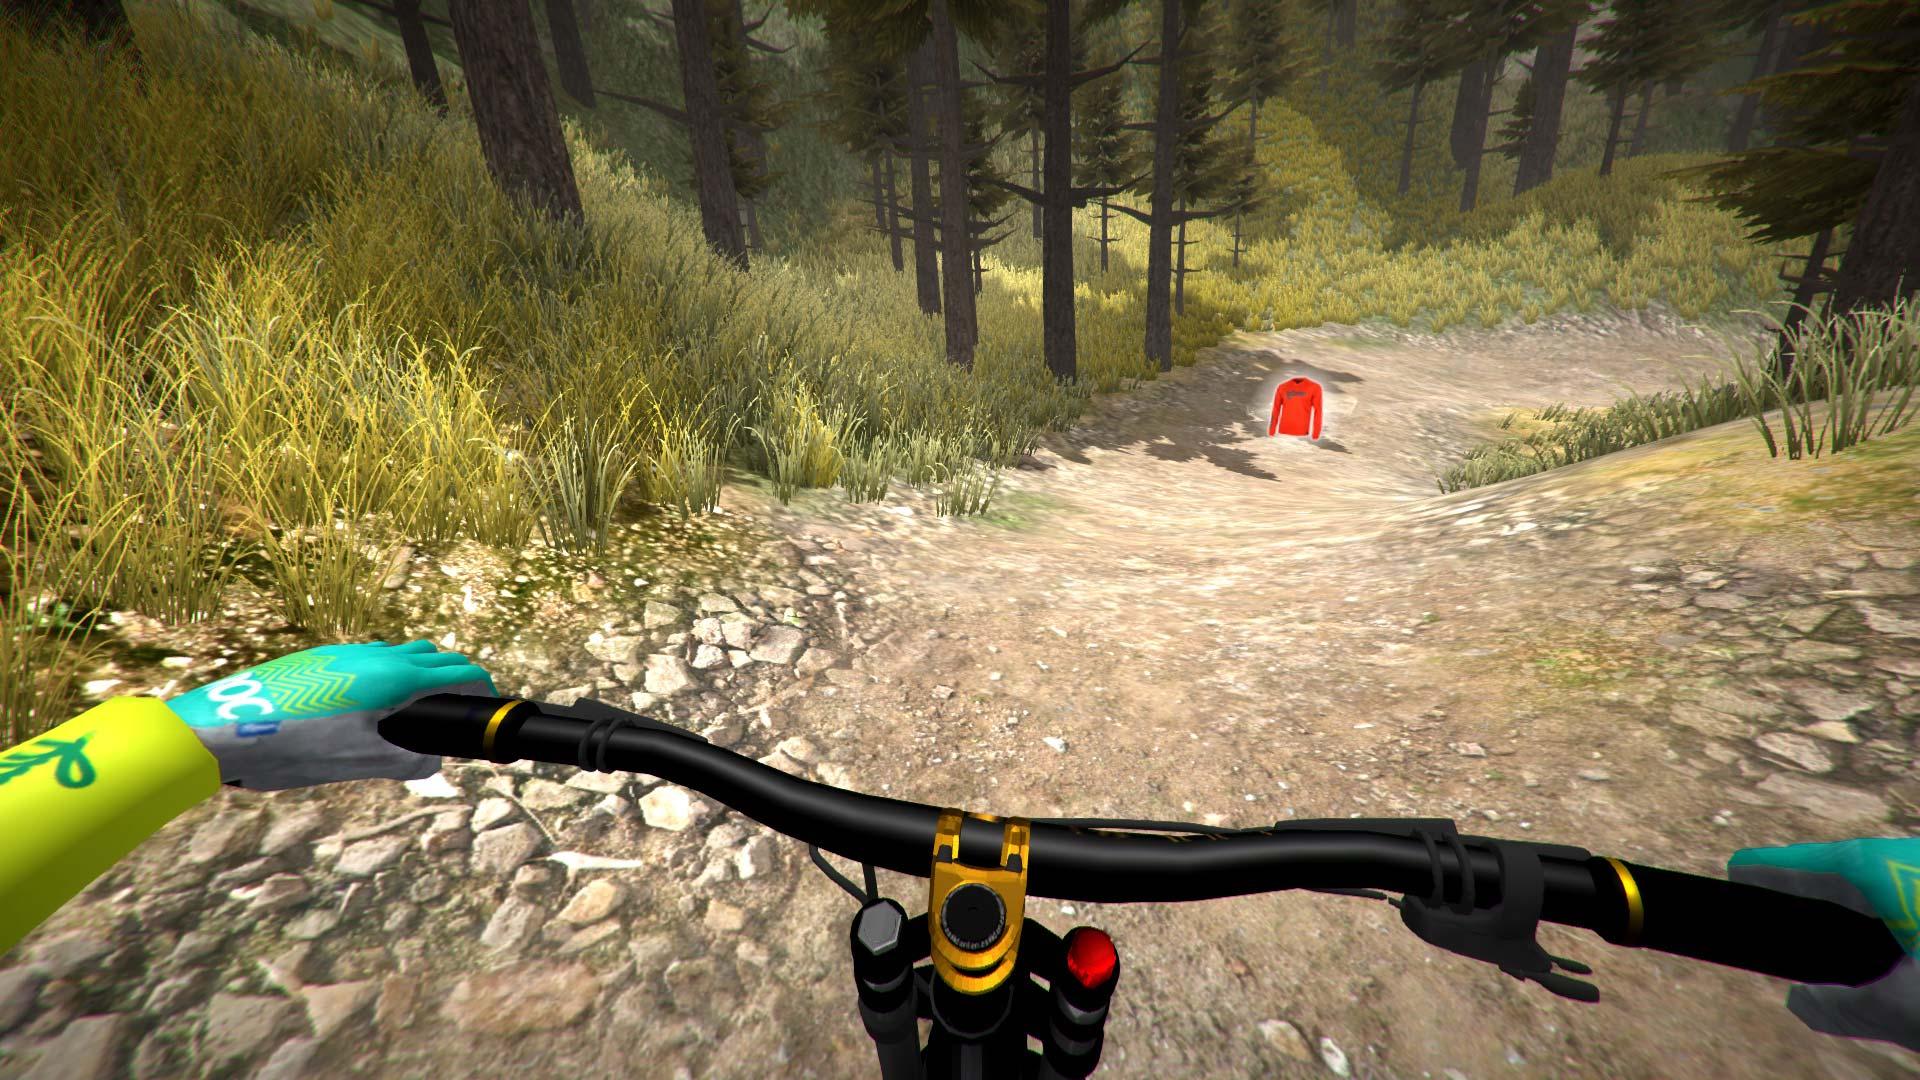 Скачать игру симулятор велосипедиста через торрент